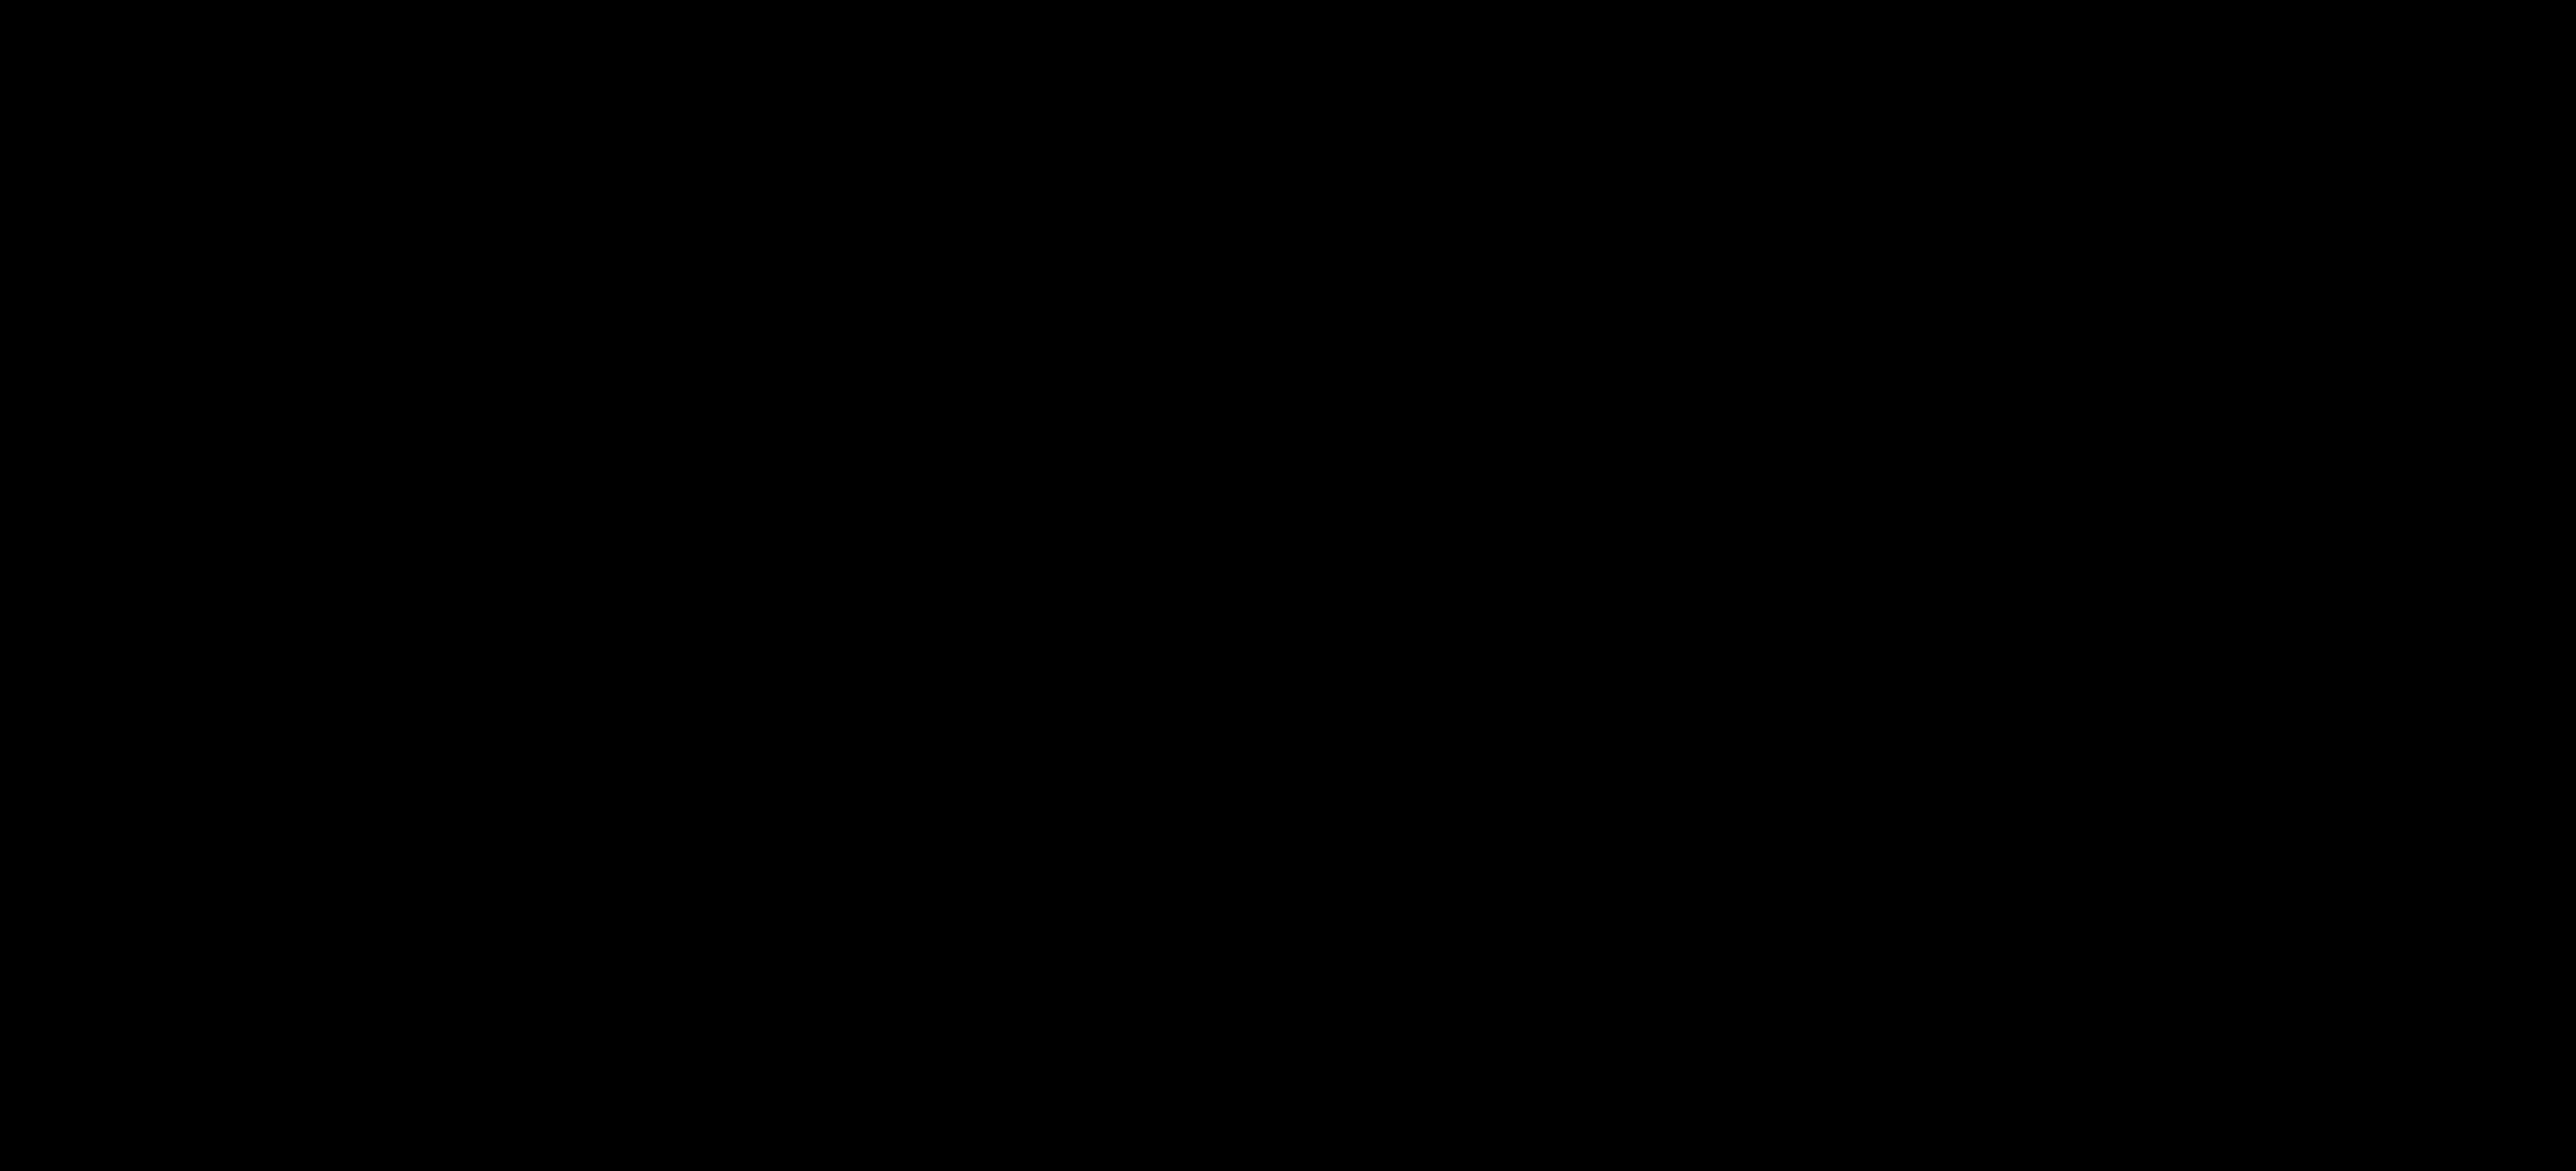 Sniiikerz